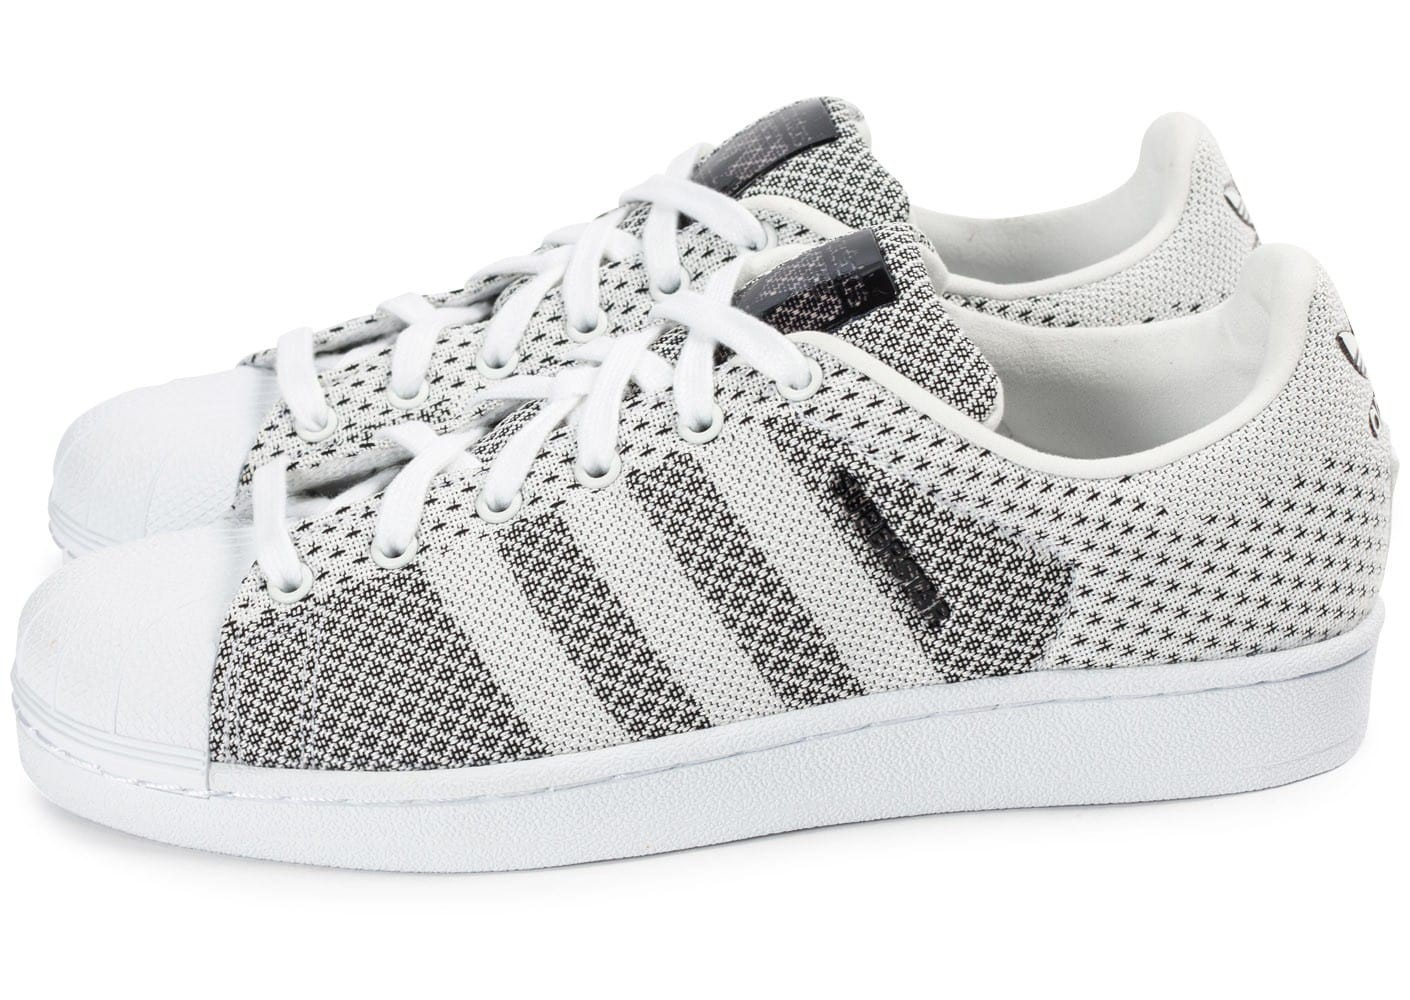 aeee66fc20f Chaussures adidas Superstar ... Adidas Superstar toile tissée blanc et noir  (2) Adidas Superstar Weave Black White Femme adidas Originals SUPERSTAR  WEAVE ...